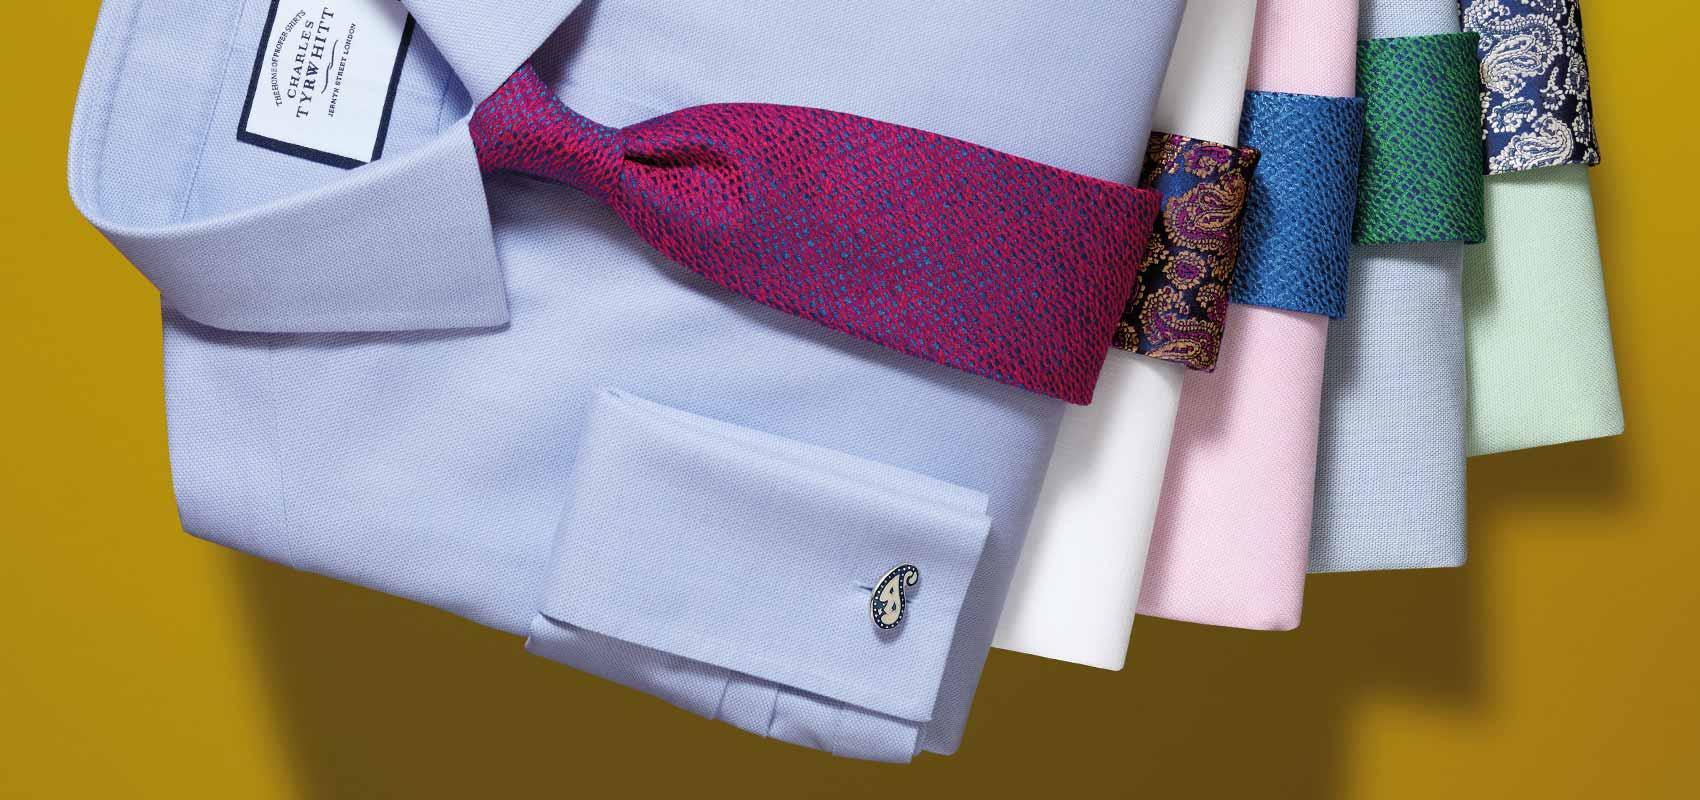 Charles Tyrwhitt chemises